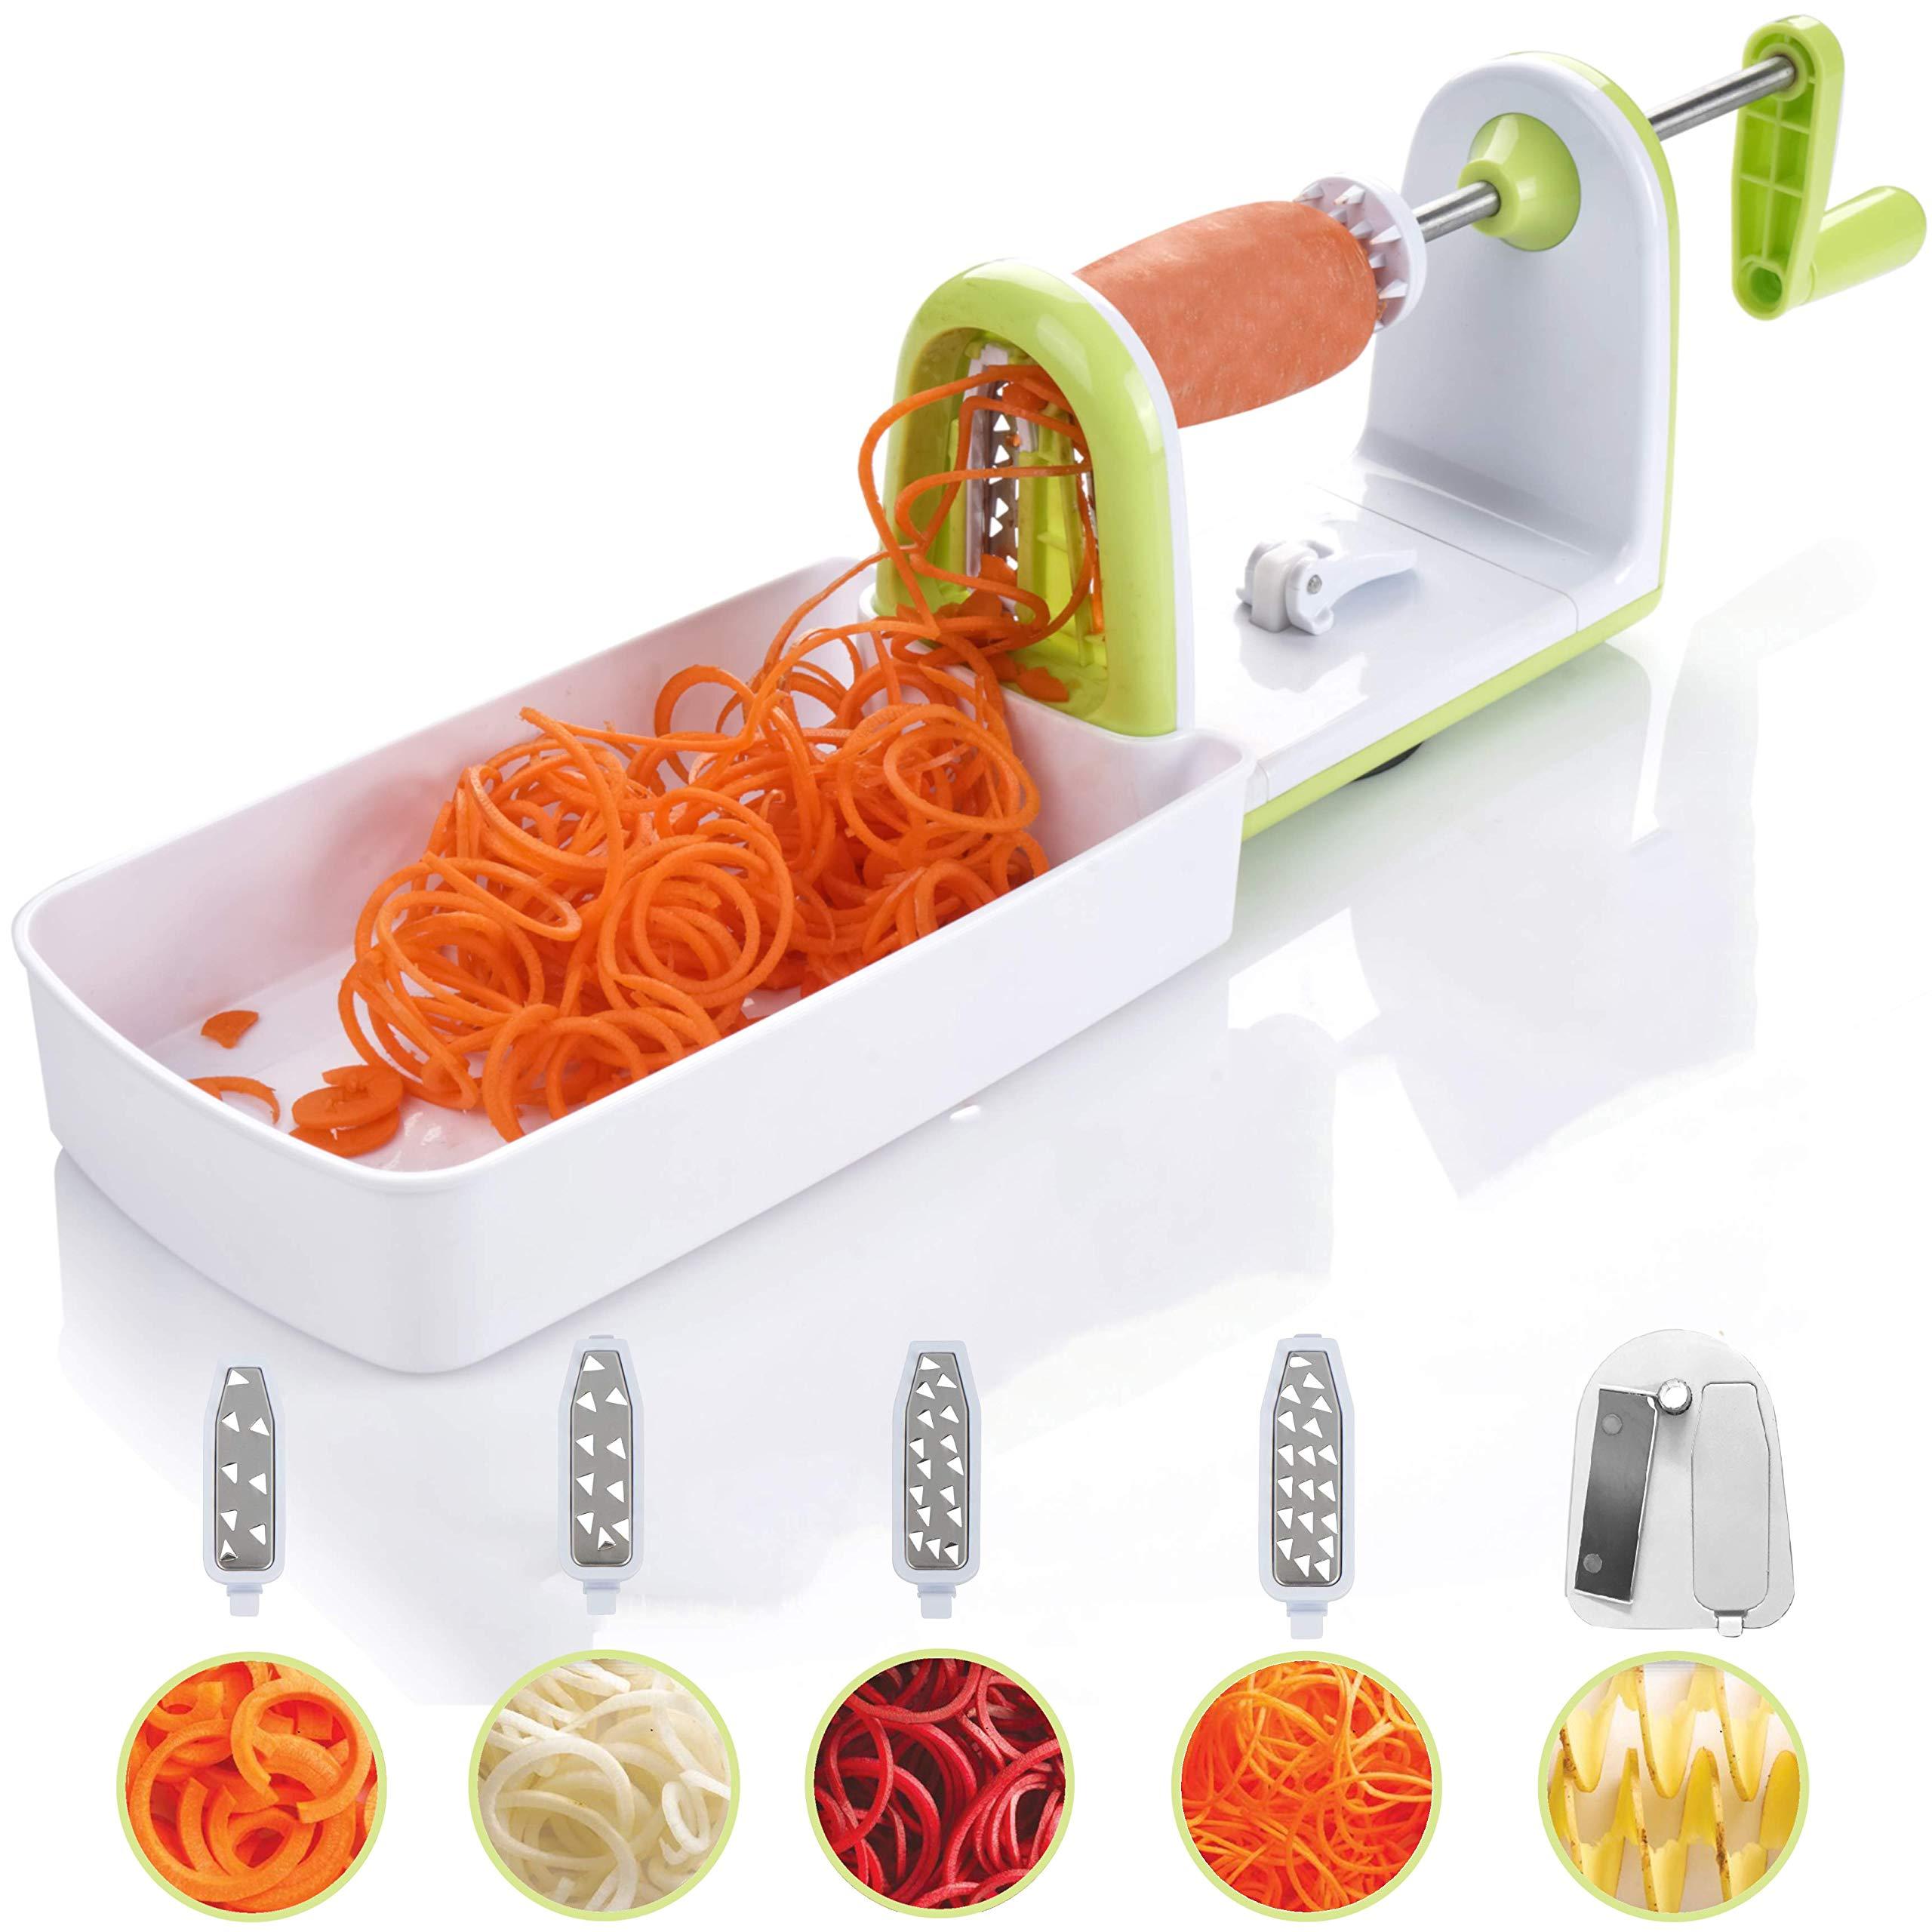 Cortador de verduras en espiral compacto Twinzee - 5 cuchillas ...